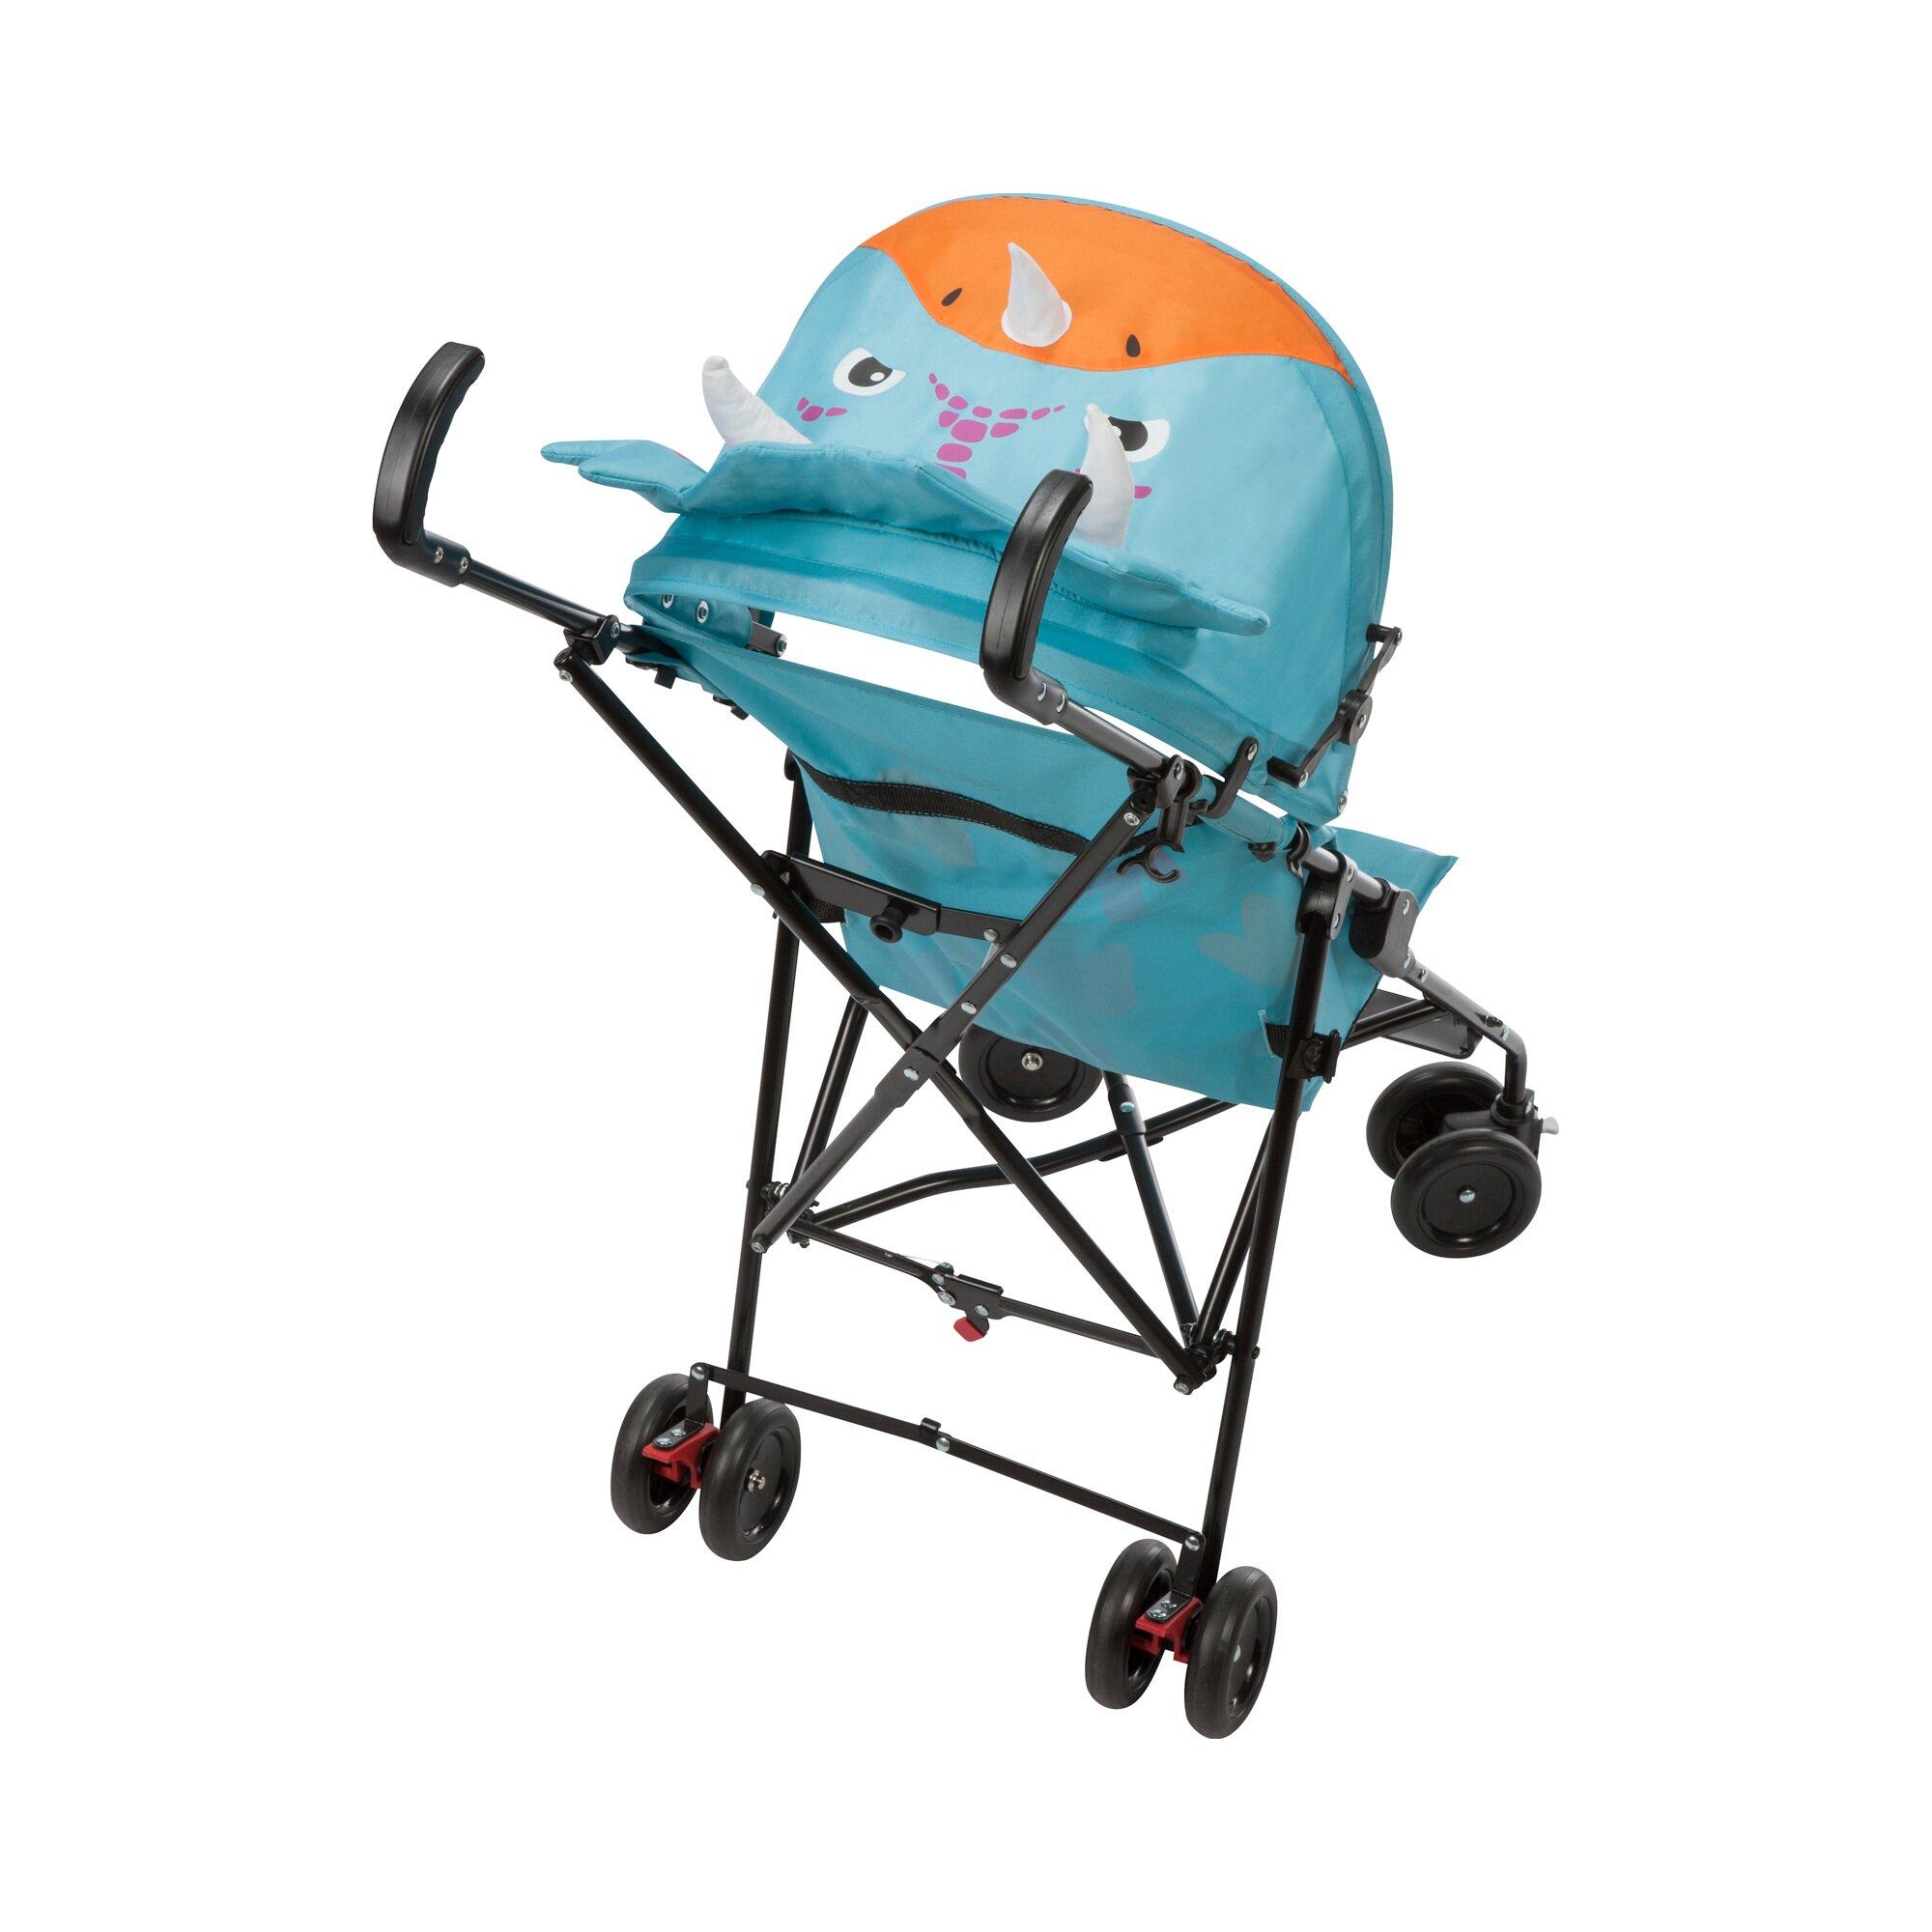 safety-1st-safety-1st-peps-sitzbuggy-blau